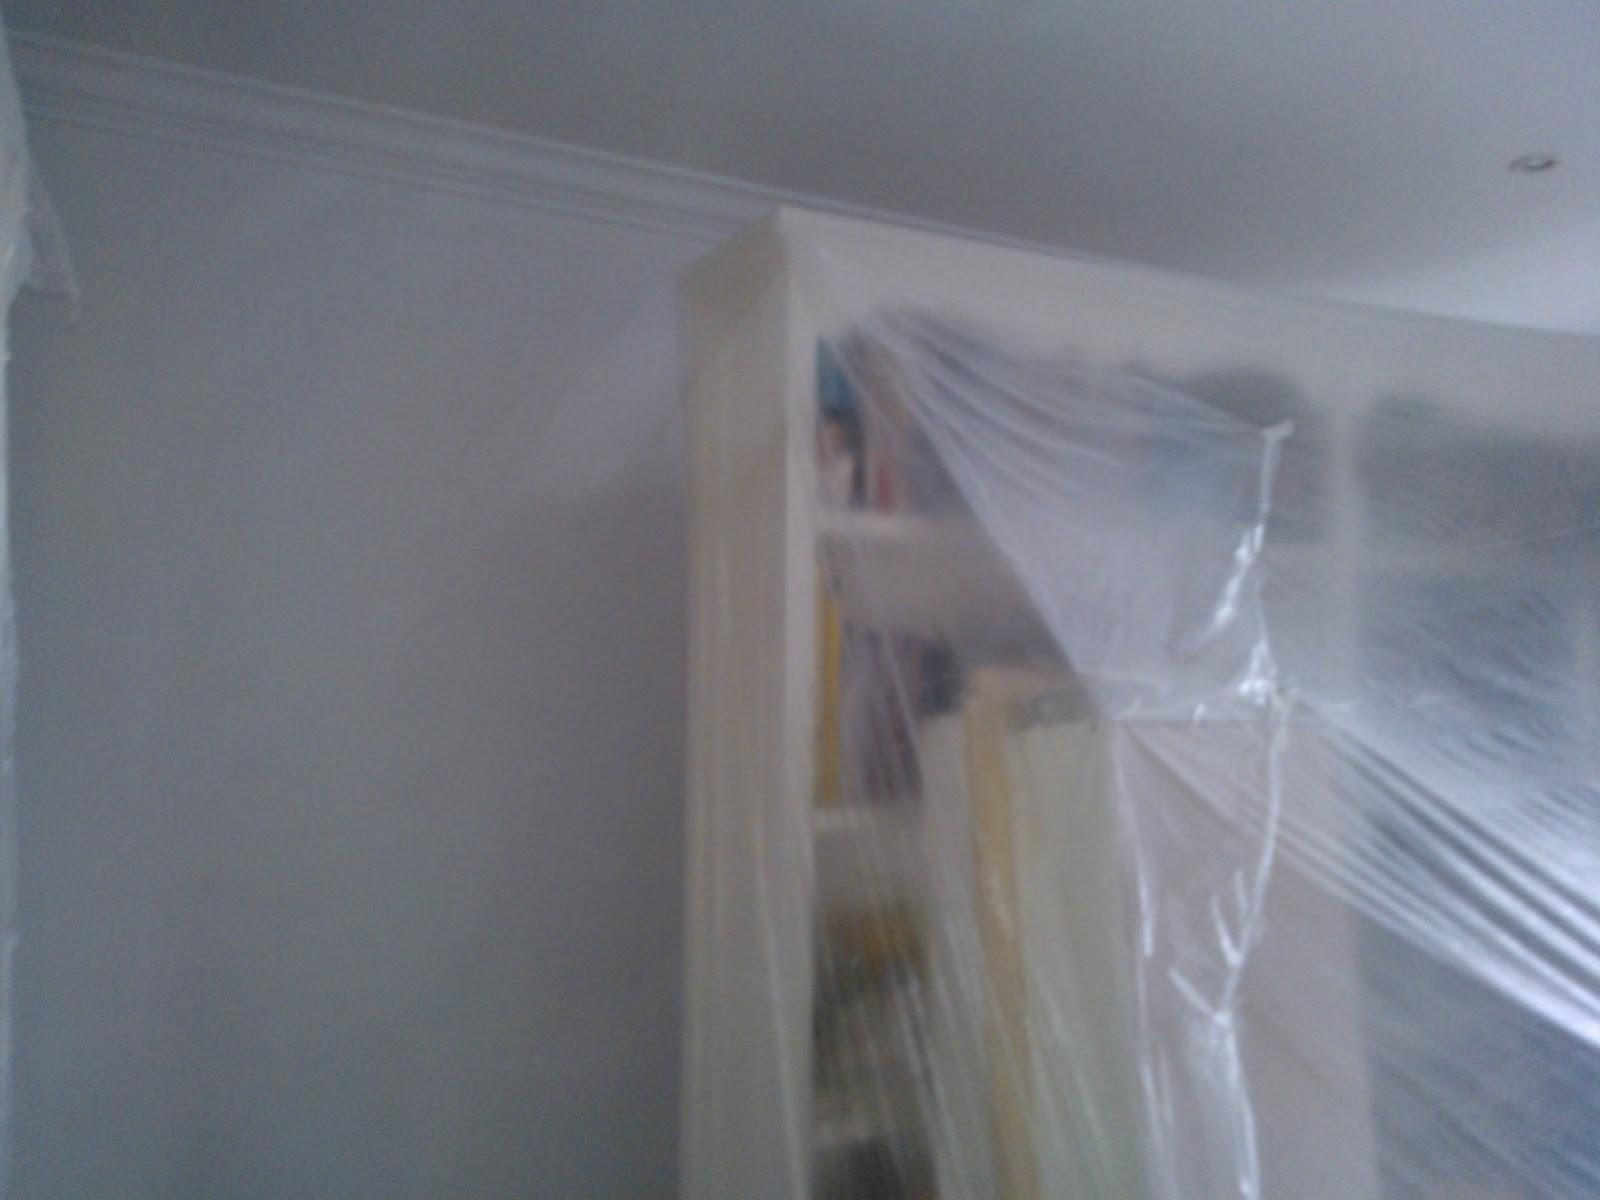 Mondecor s l piso pintado en pintura plastica blanca - Pintura blanco roto ...